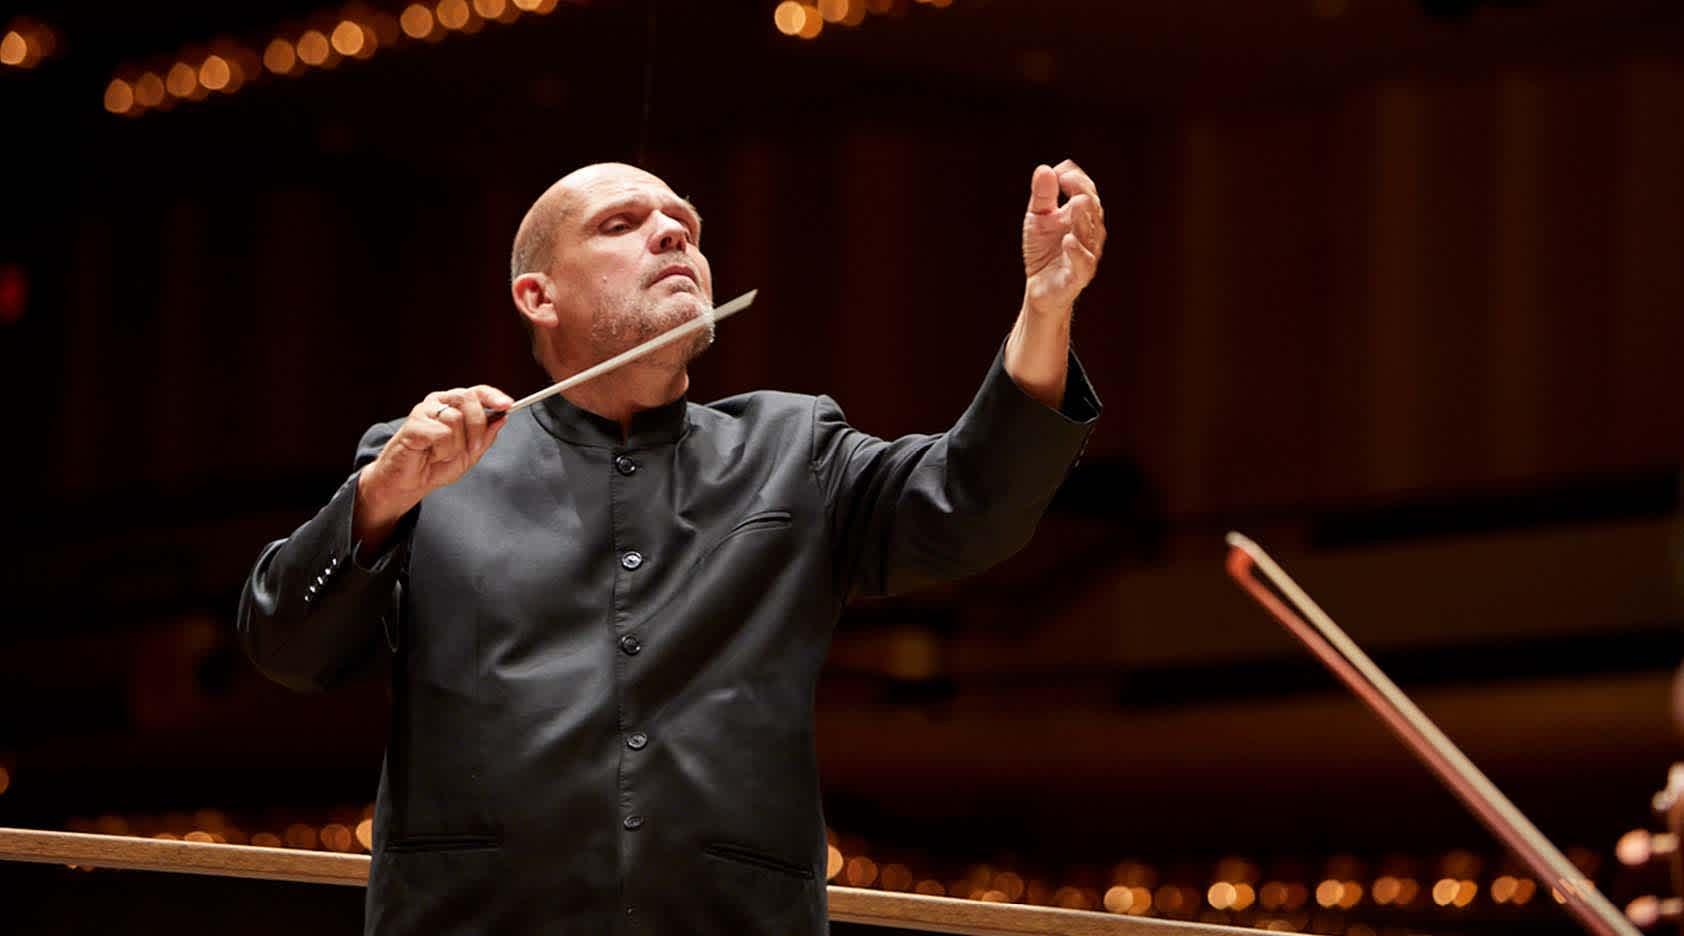 Jaap van Zweden Conducts Mozart's Symphony No. 40